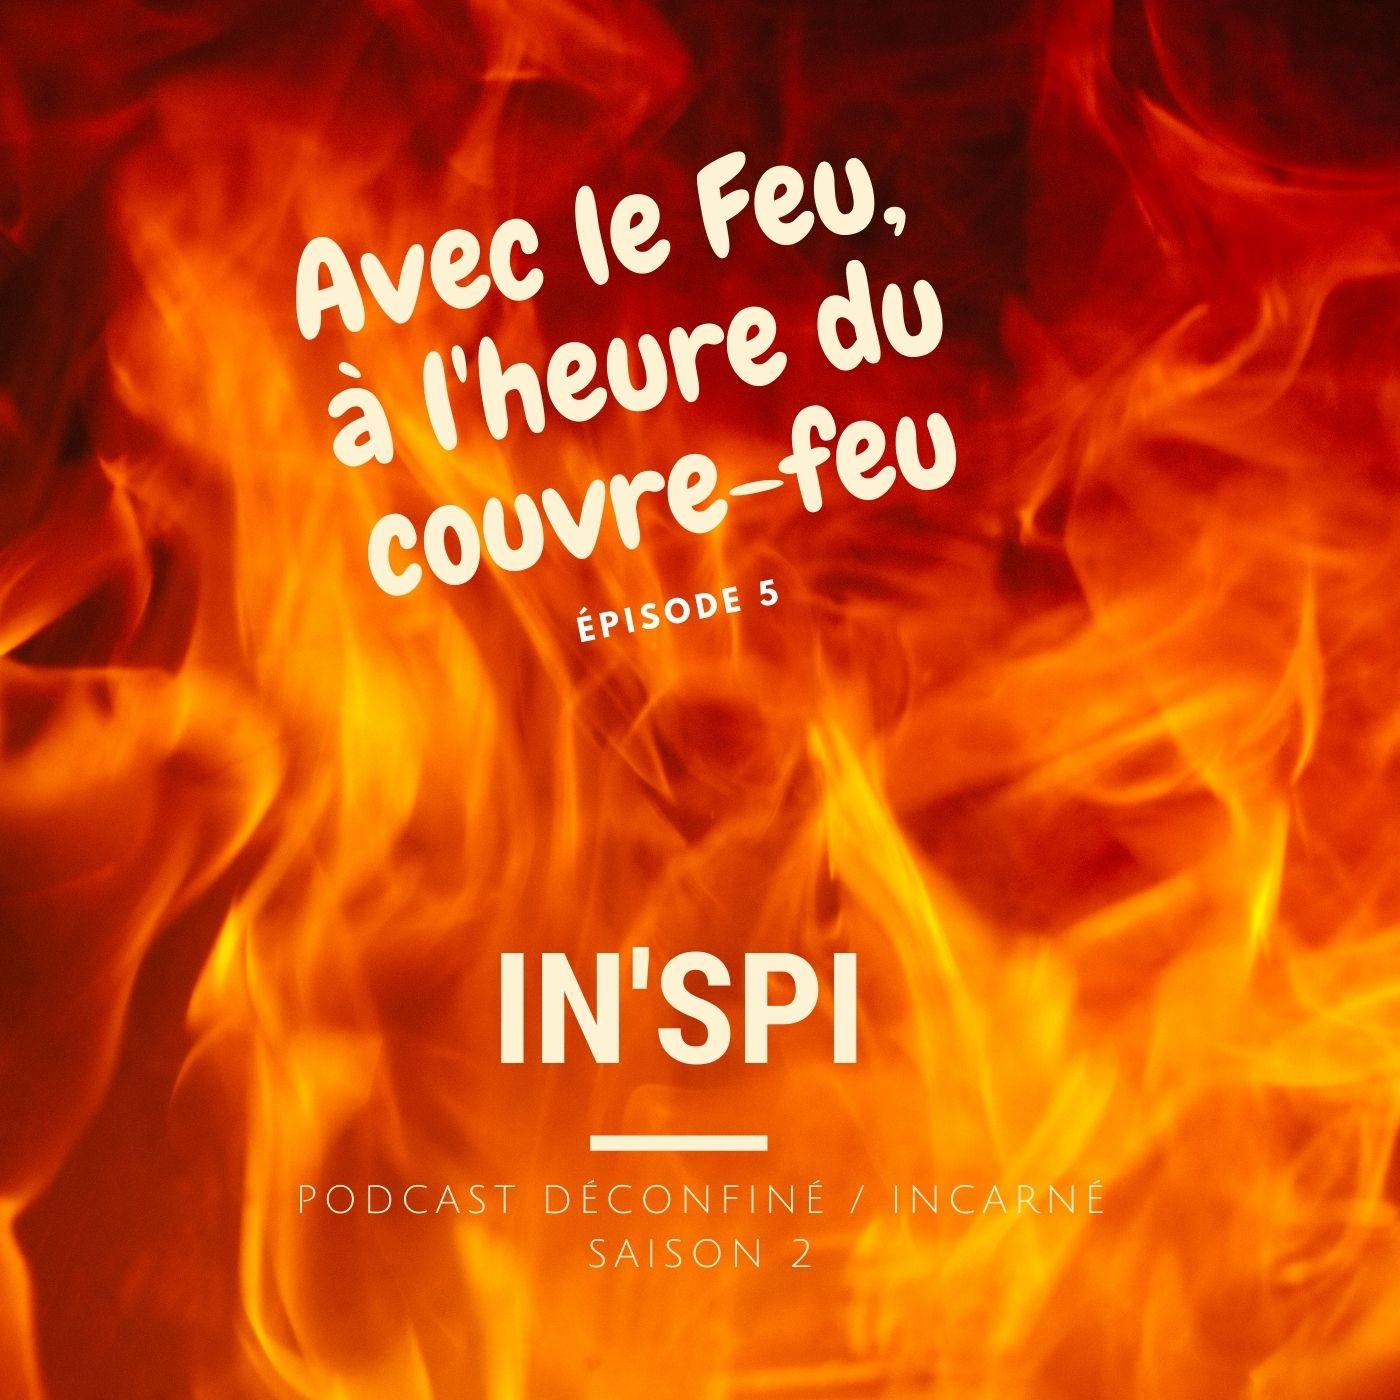 https://medias.podcastics.com/podcastics/episodes/1505/artwork/avec-le-feu-a-lheure-du-couvre-feu-inspi.jpg.43cc117cd08de32e1421429c763a51cb.jpg